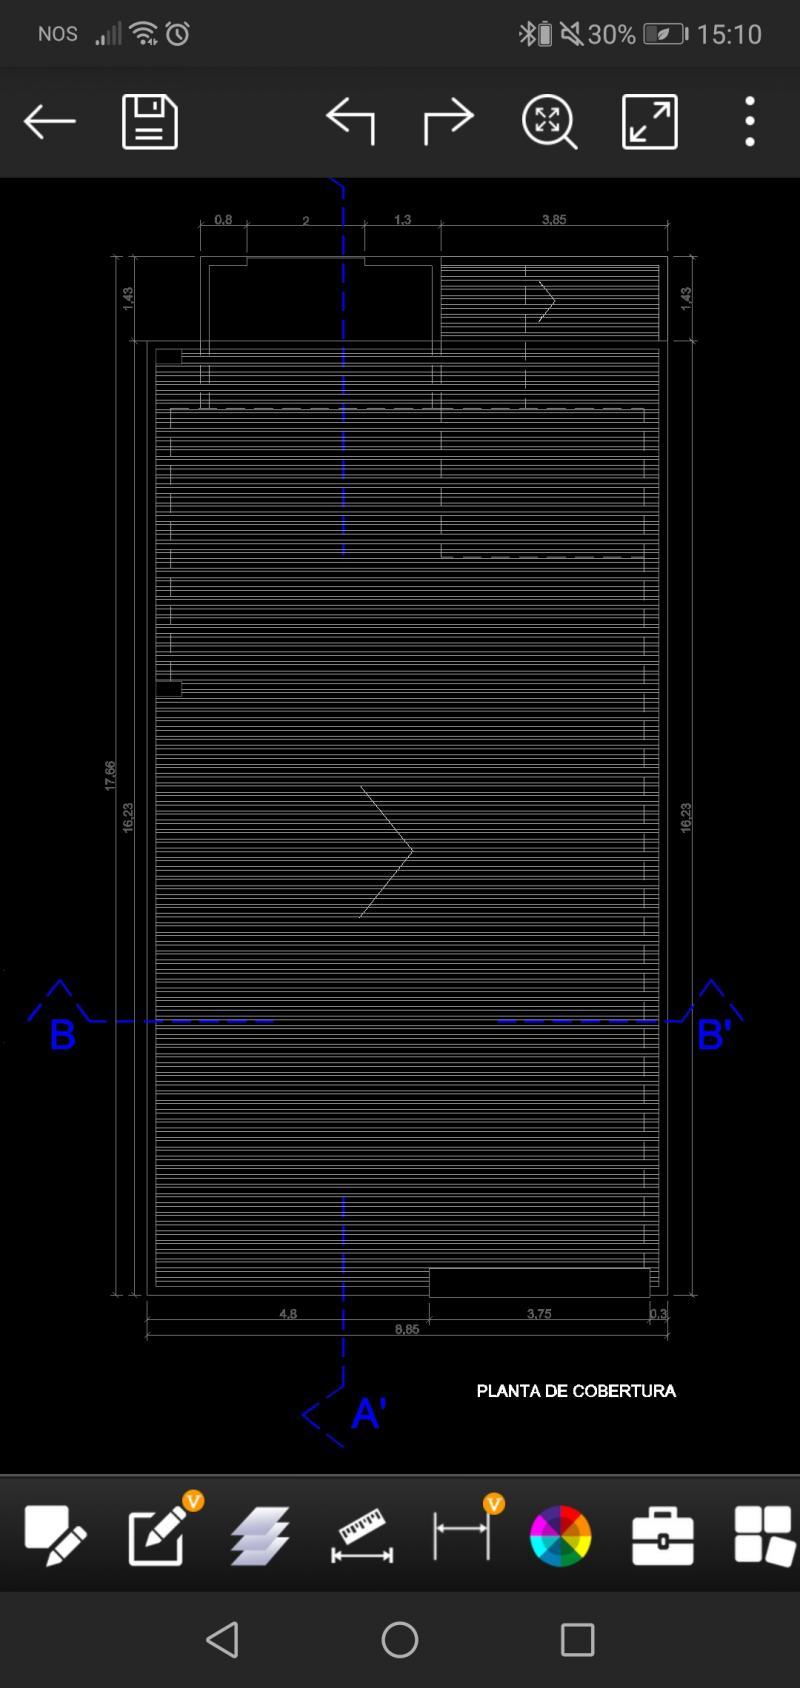 Screenshot_20190427-151011.jpg